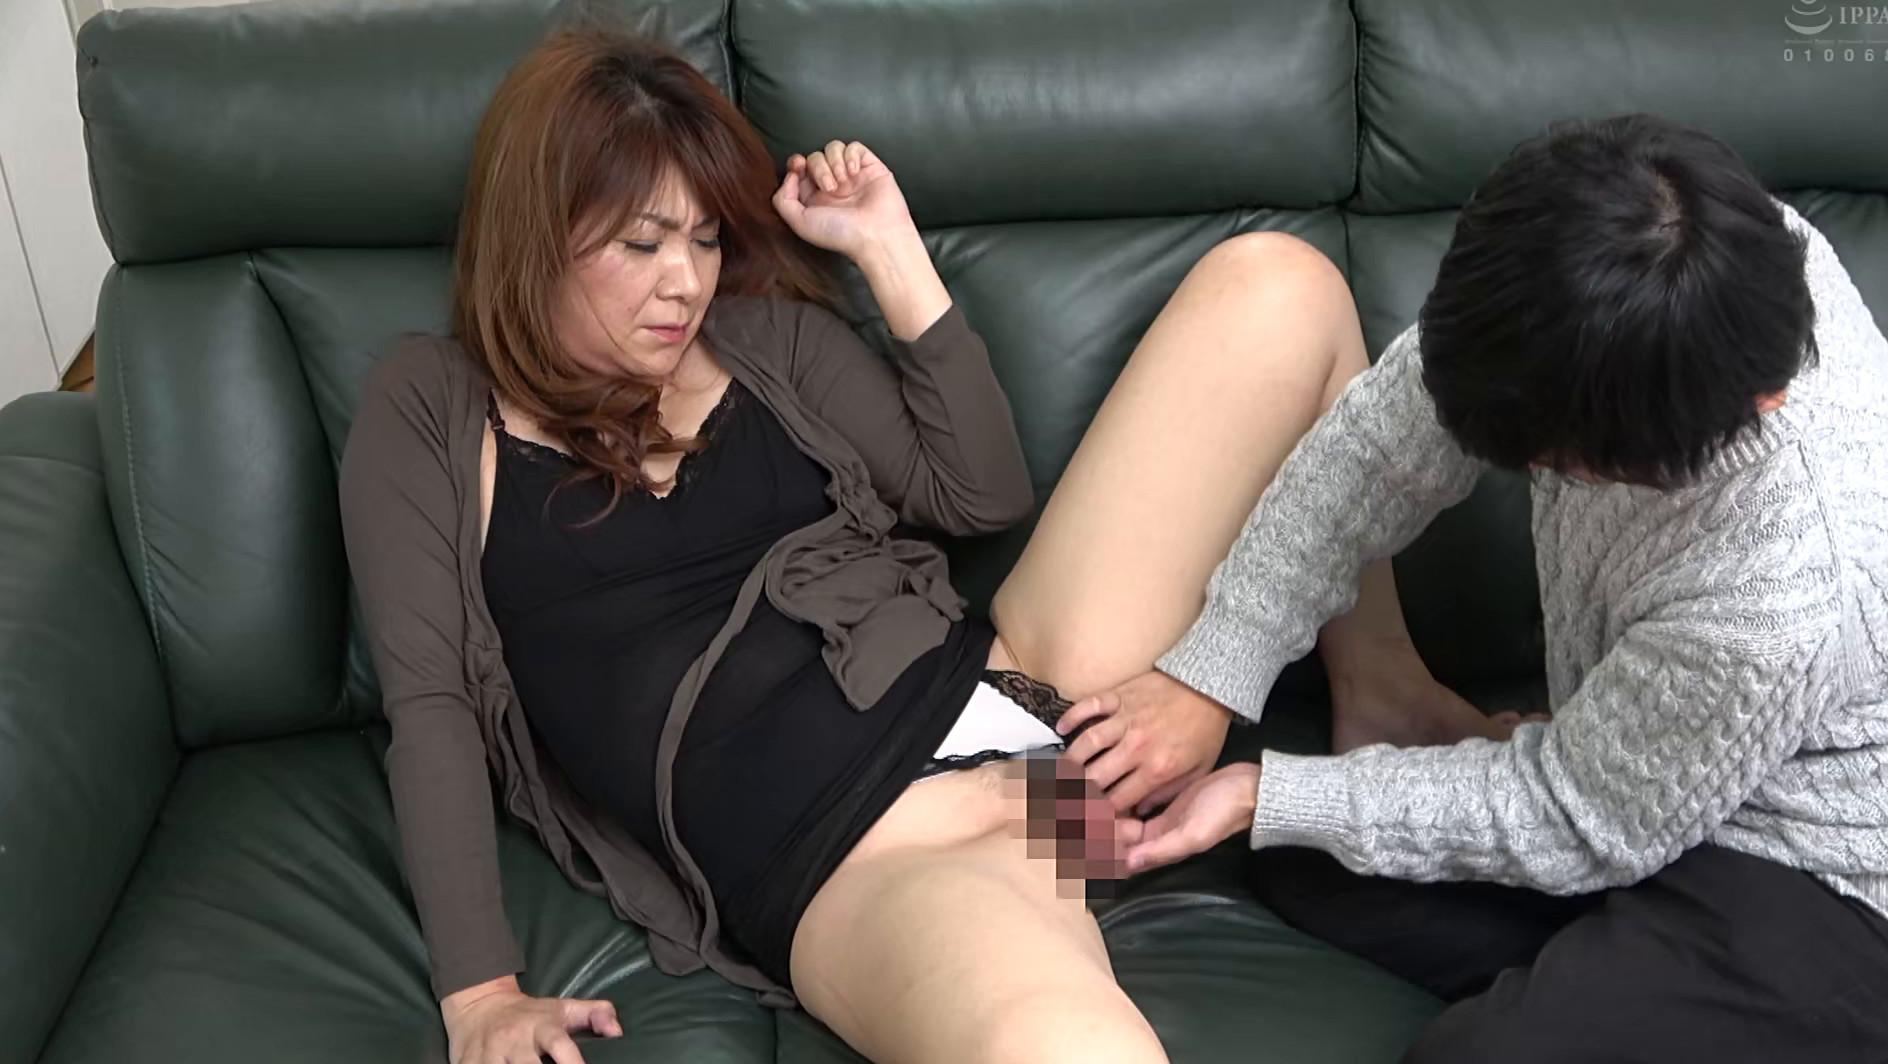 体型は普通な割りにデカ尻の母に会いに行ったら、Tバックを履いていてビックリした・・・ハプニング近親姦 180分 画像6